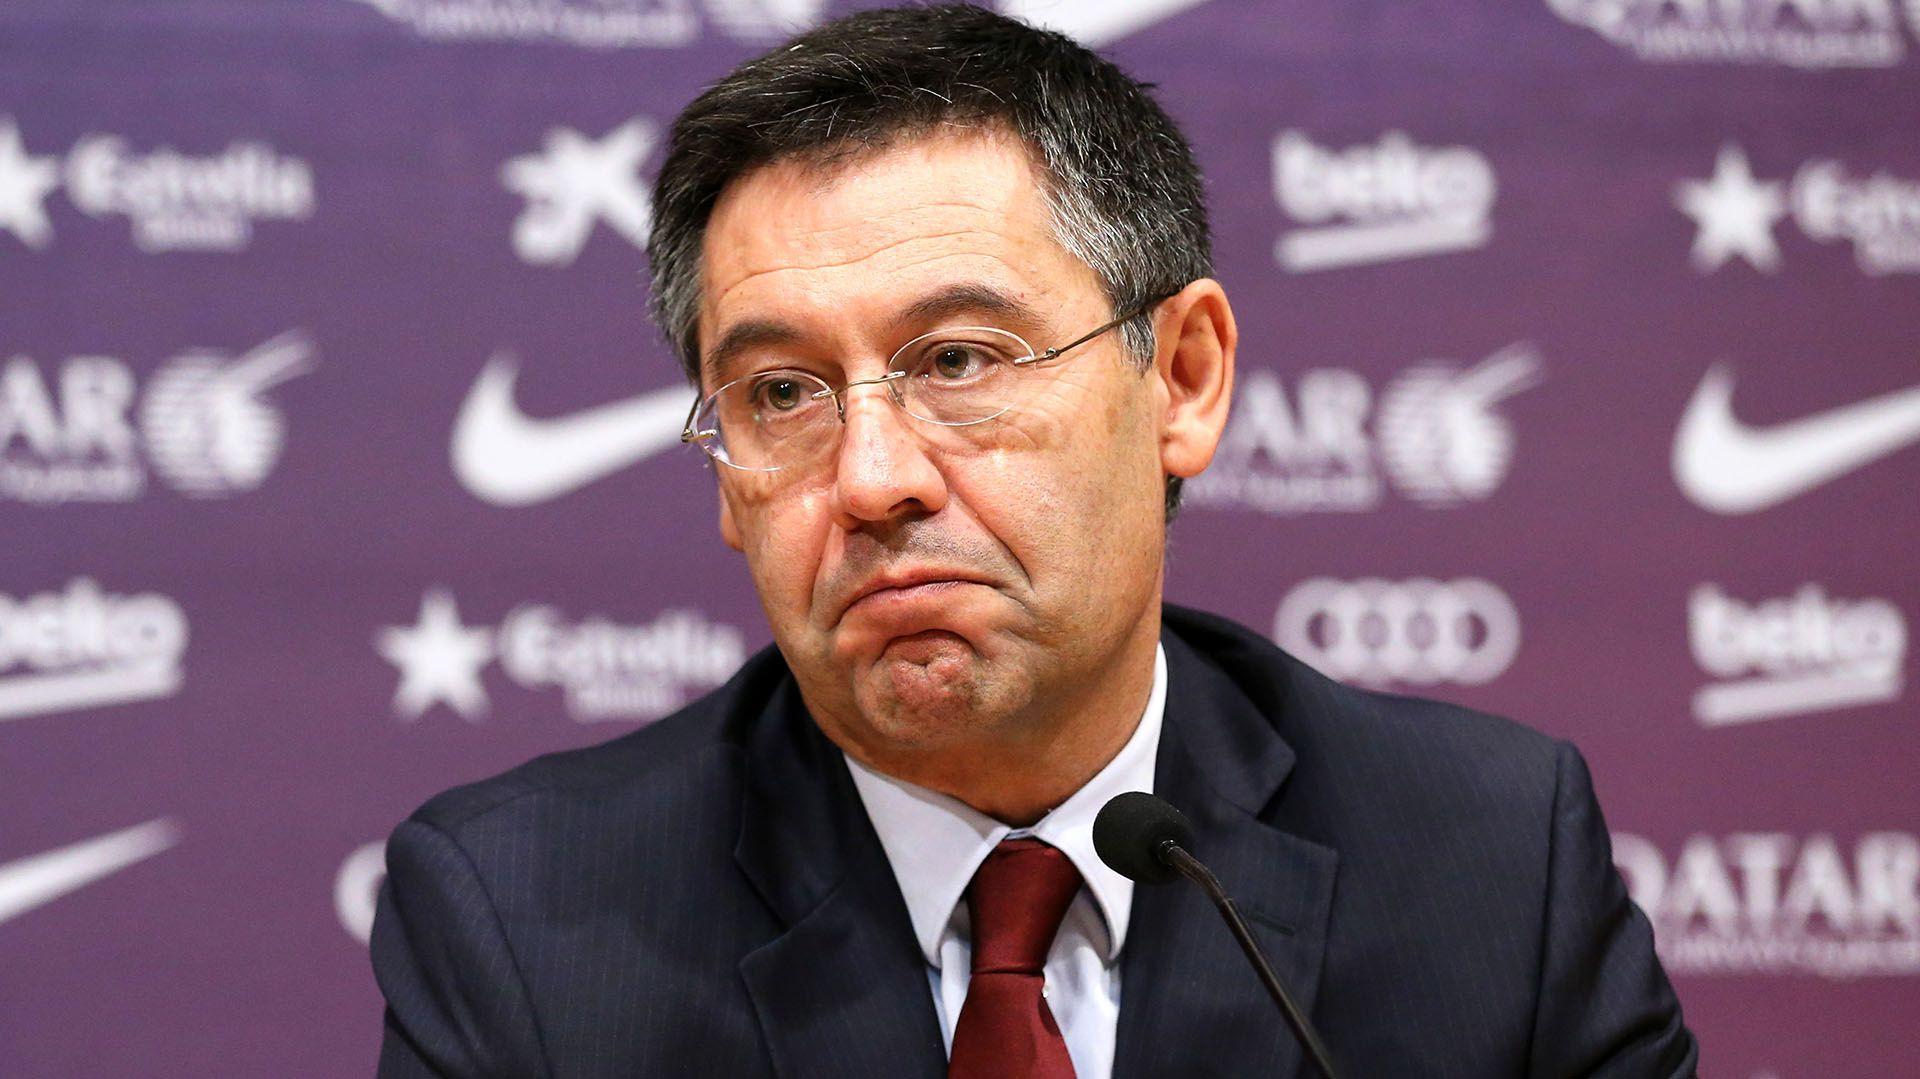 El presidente del Barcelona, en jaque las conclusiones de la auditoría (Shutterstock)